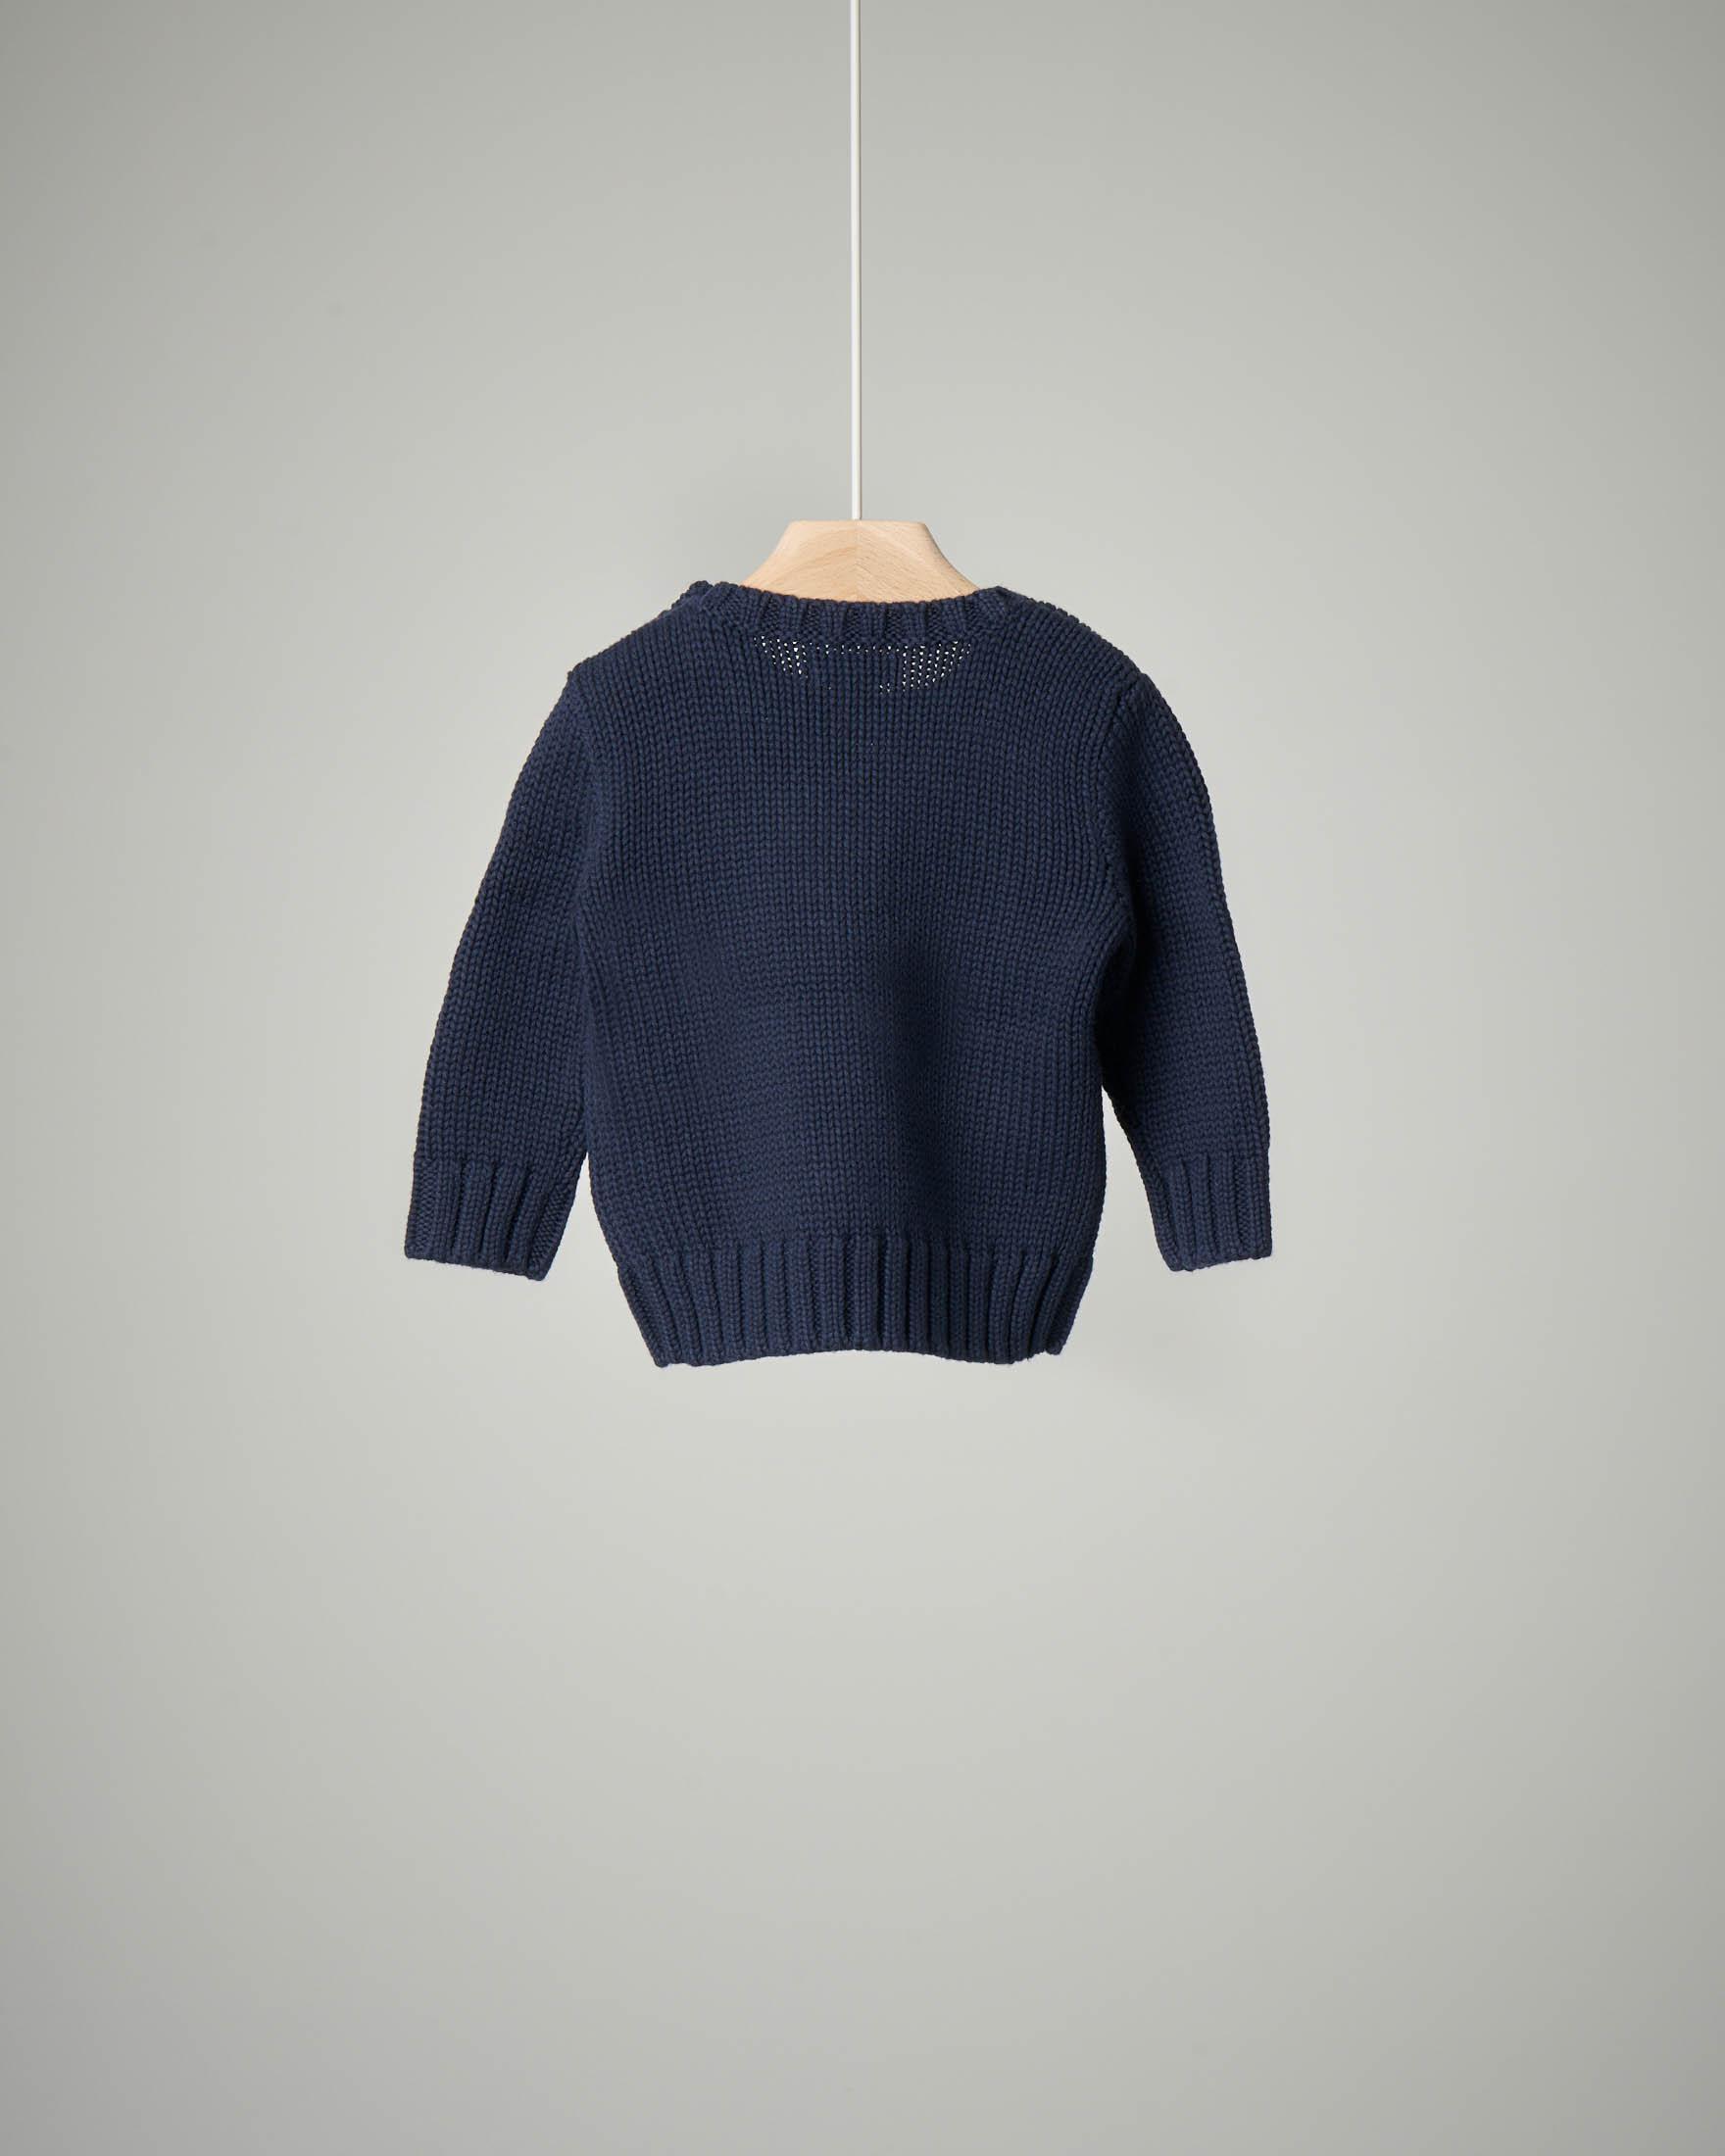 Abbigliamento per Bambini  scopri le Collezioni  890120f1b9a3